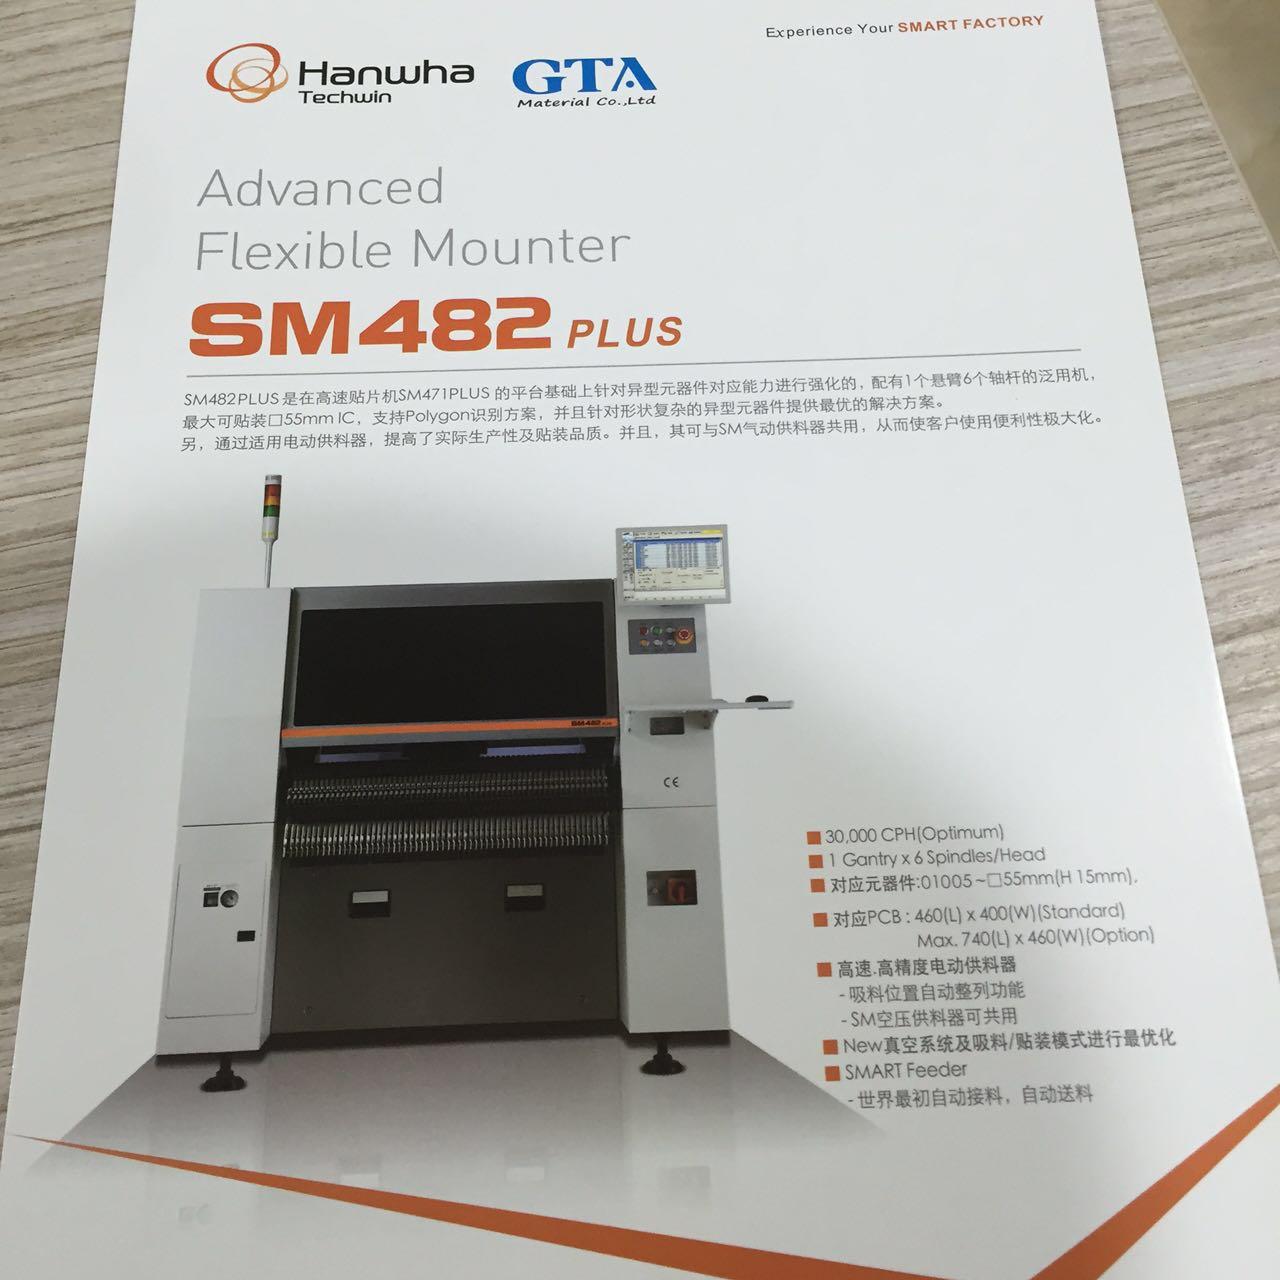 韩华三星贴片机SM482plus